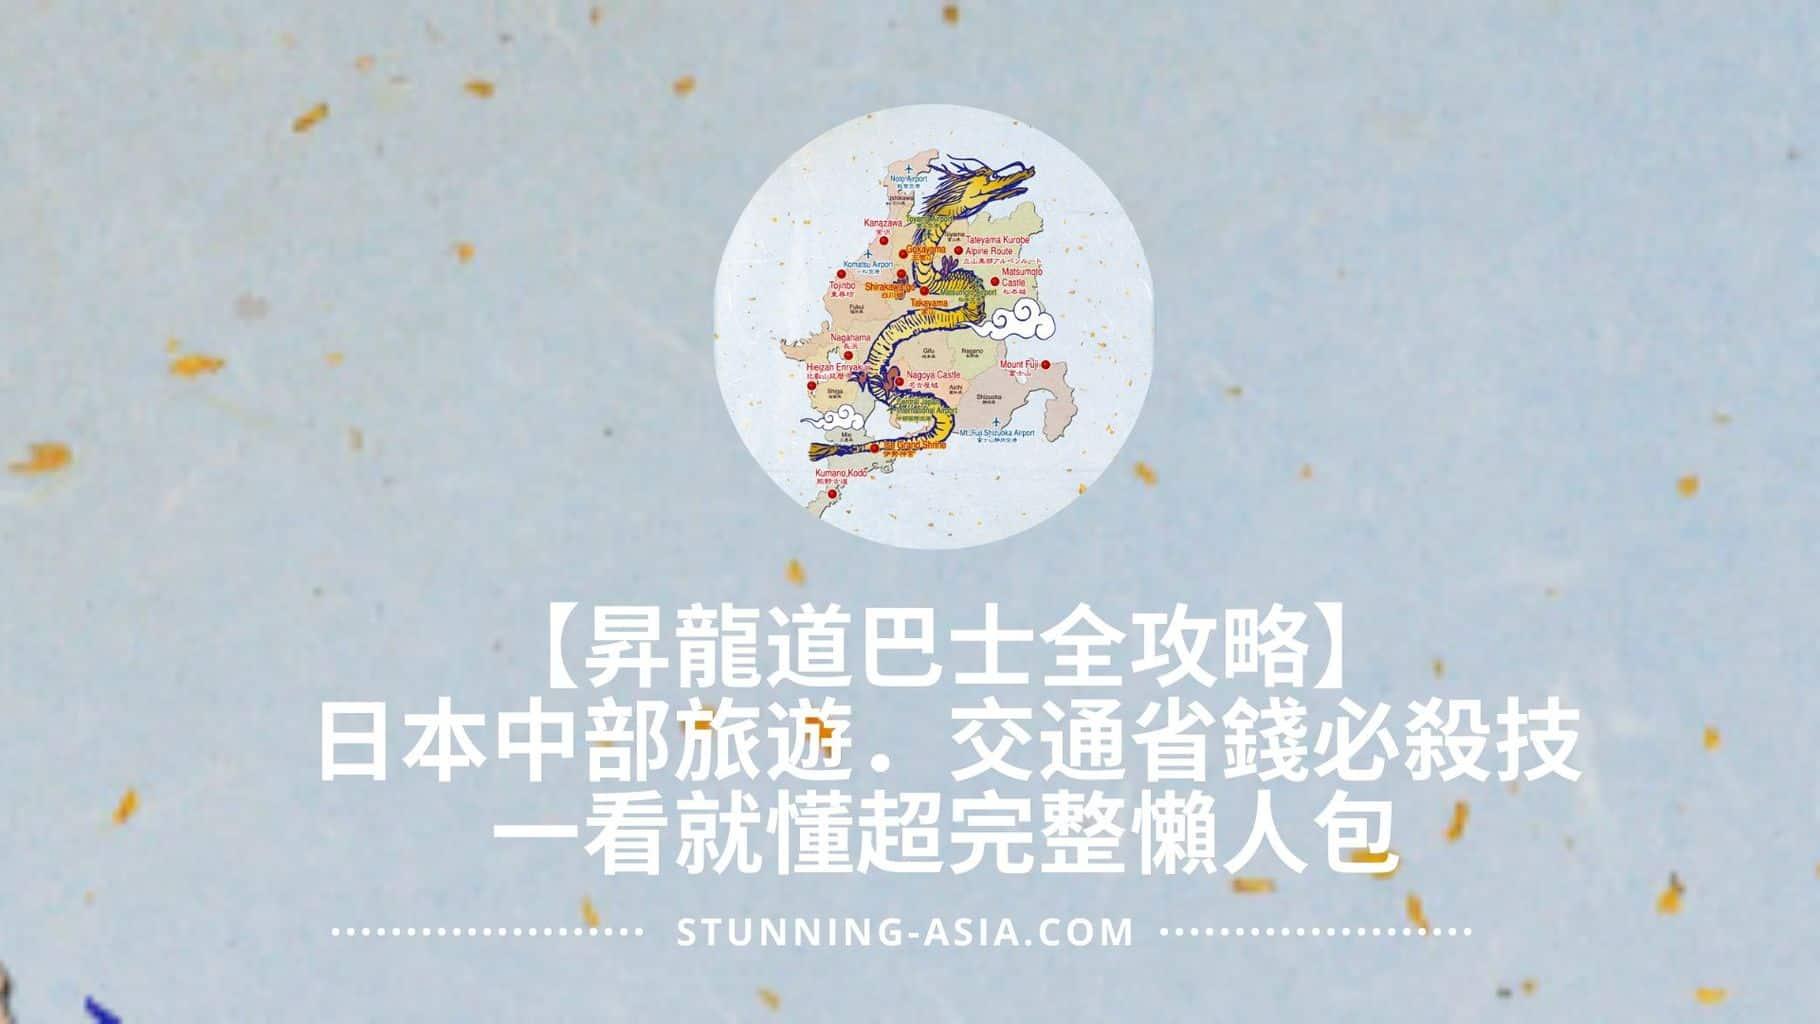 【昇龍道巴士全攻略】日本中部旅遊「交通省錢」必殺技!註冊預約、五日續命、時刻表...一看就懂超完整懶人包